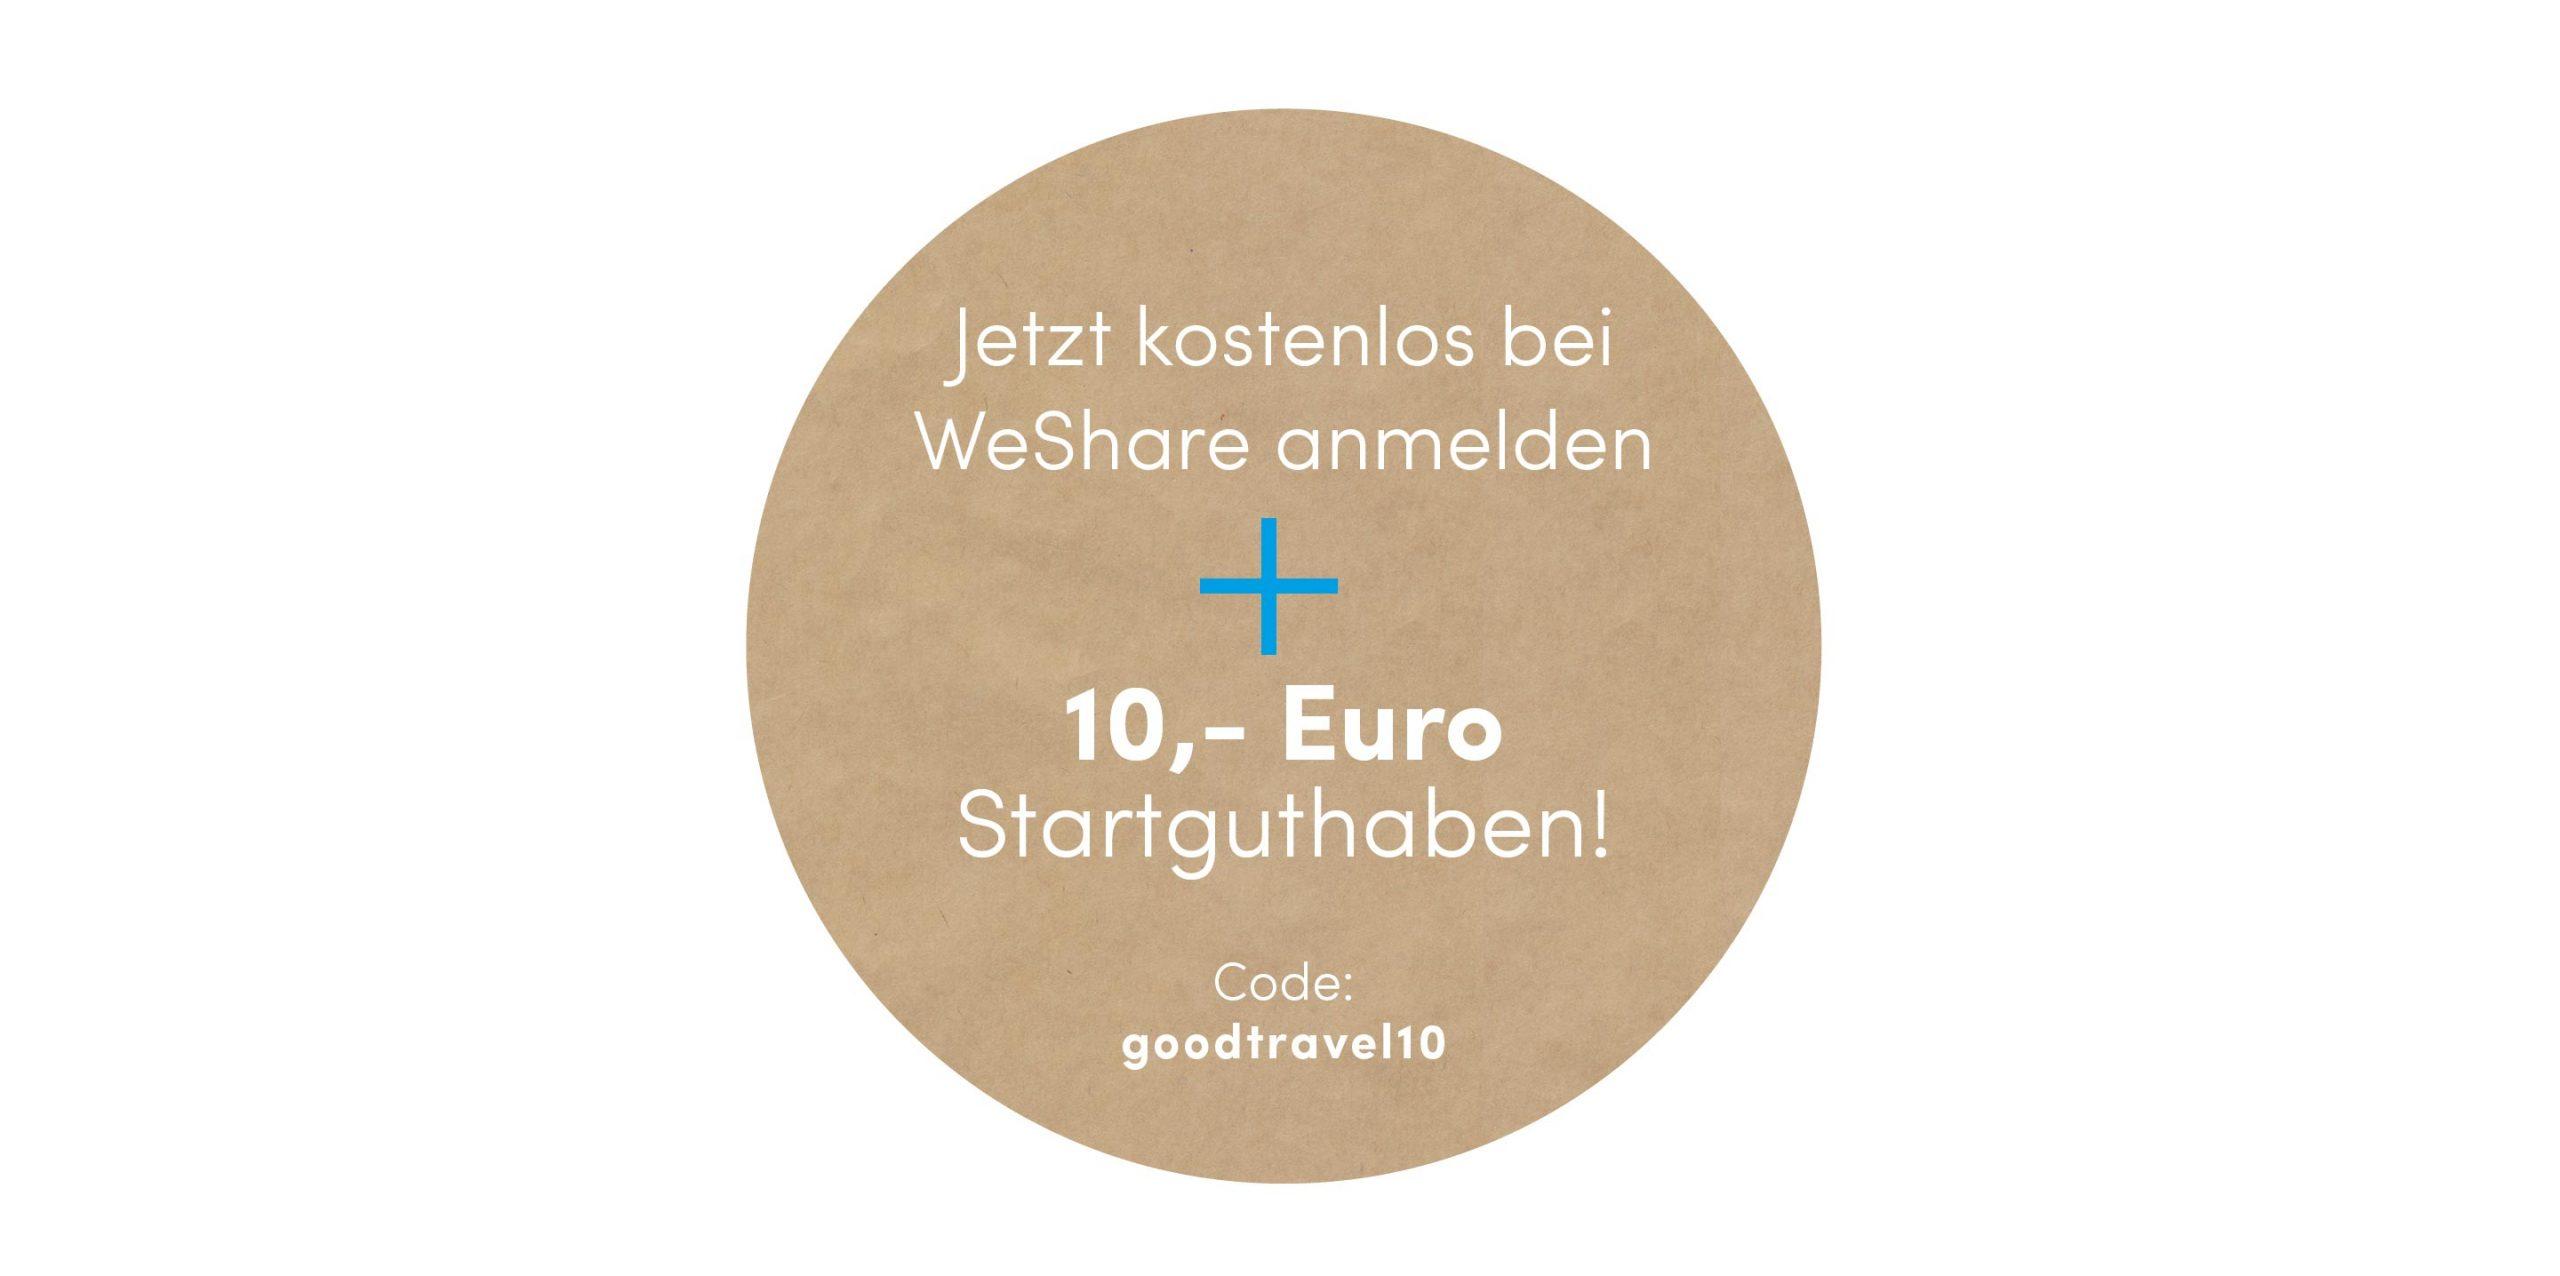 Mit Good Travel 10,- Euro Startguthaben für jede Neuregistrierung sichern